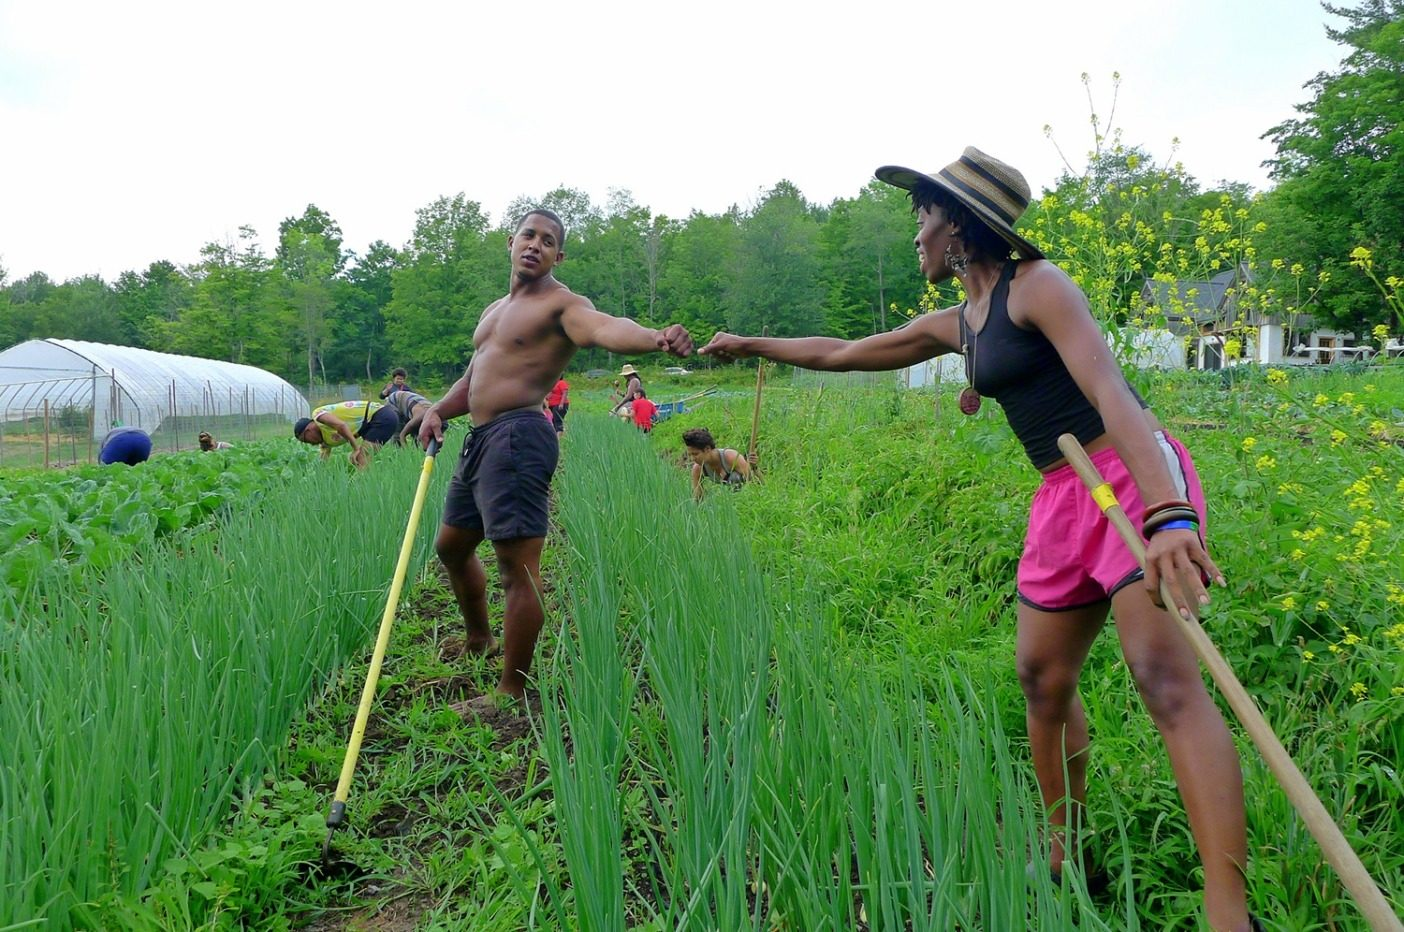 フィストバンプするソウル・ファイア農場主催の「黒人・ラテン系住民農業従事者集中訓練」の参加者たち。「土壌の陽イオン交換容量」概念のマニアックな詳説や、黒人と褐色人種が土壌との関係を癒すために必要な文化的・歴史的な教義など、さまざまな内容をバランスよく組み合わせ、1週間にわたって、持続可能な小規模農業を綿密に紹介する企画だ。Photo:Leah Penniman